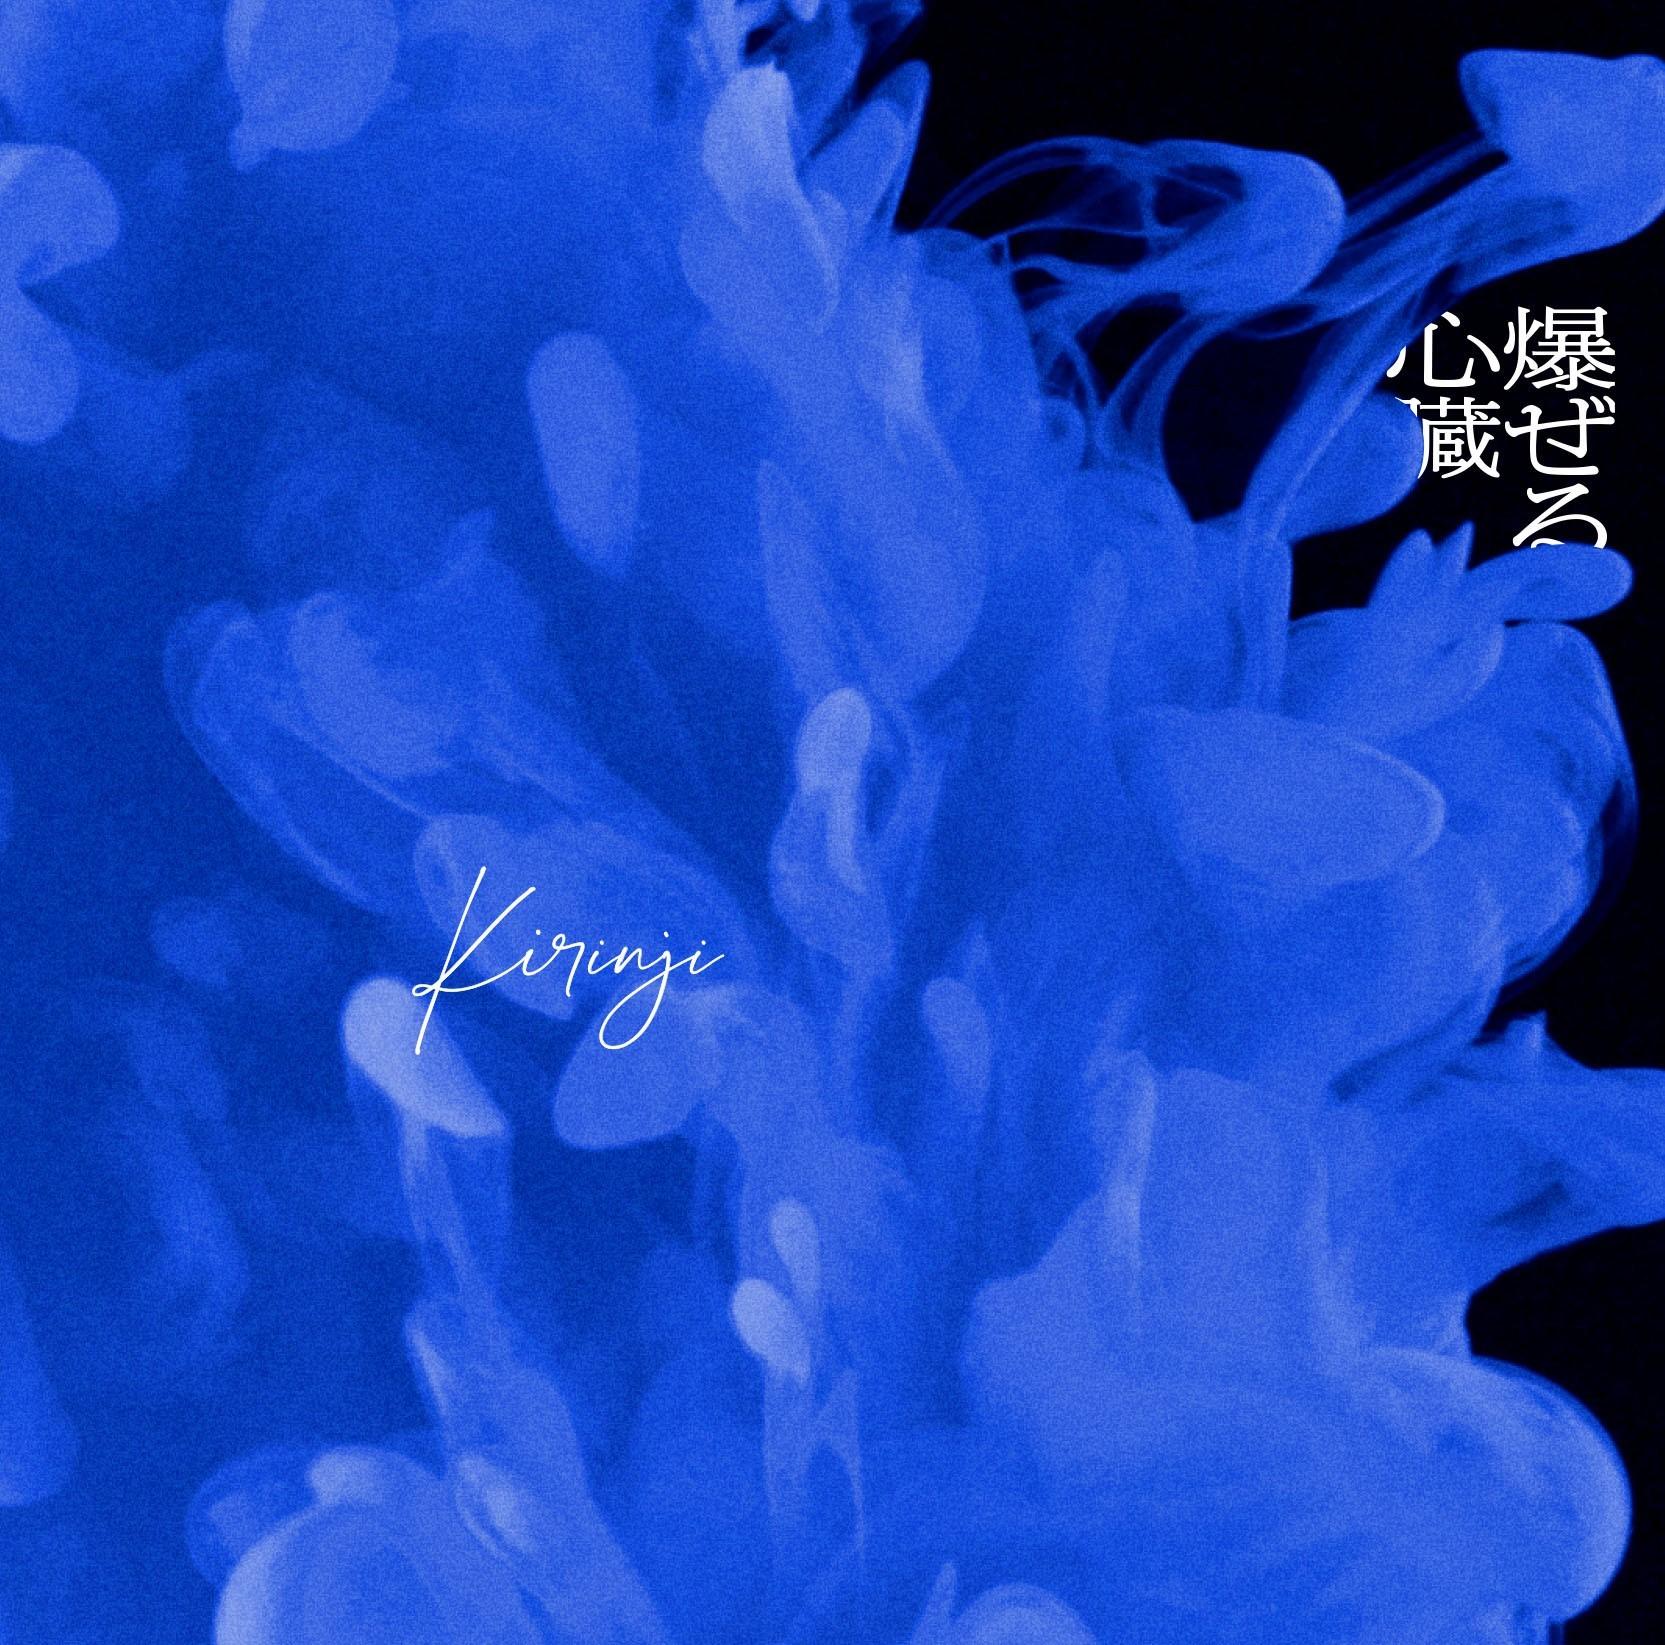 『爆ぜる心臓 feat. Awich』初回限定盤